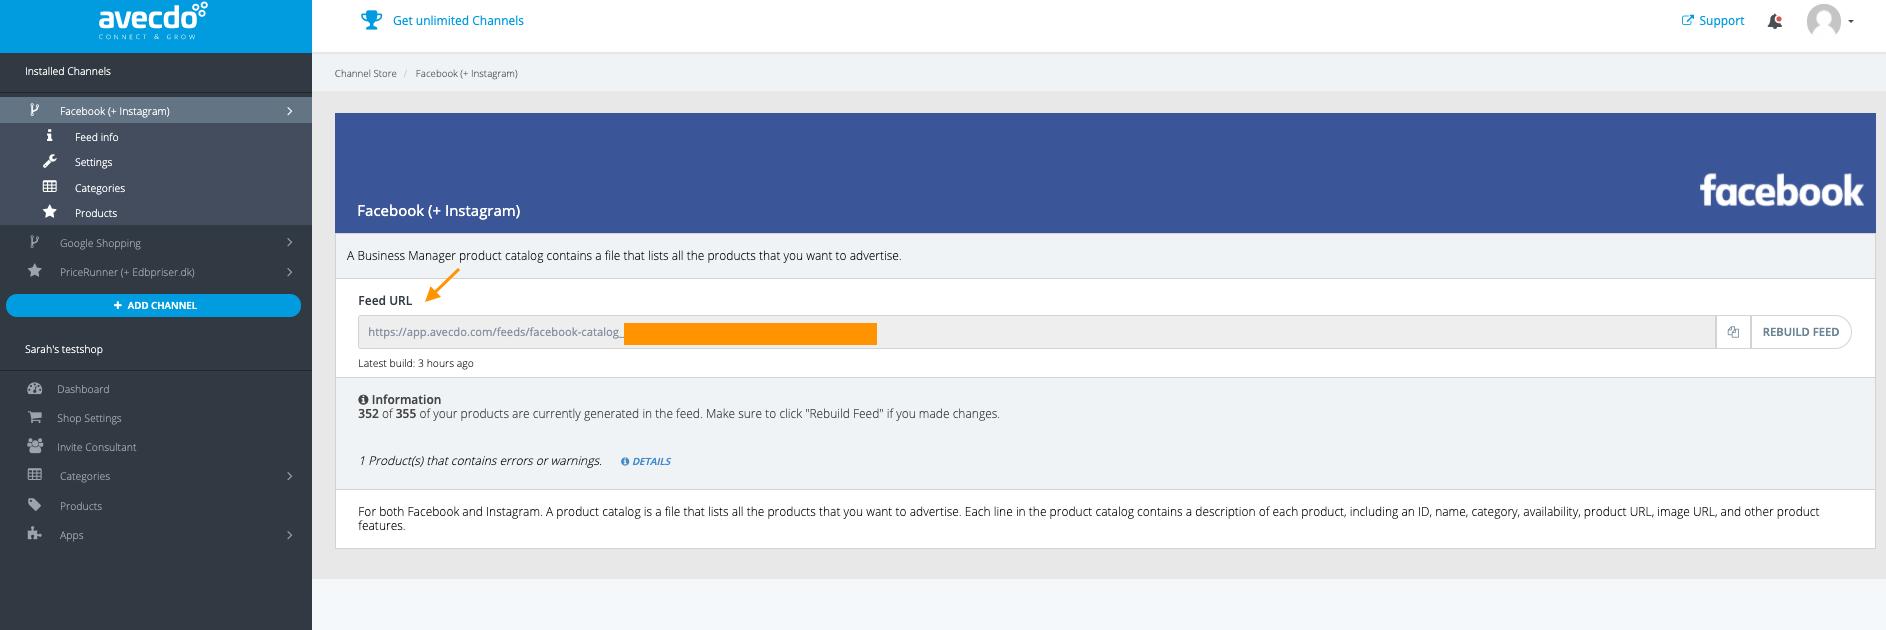 Opret et produktkatalog i Facebook, med dit avecdo product feed